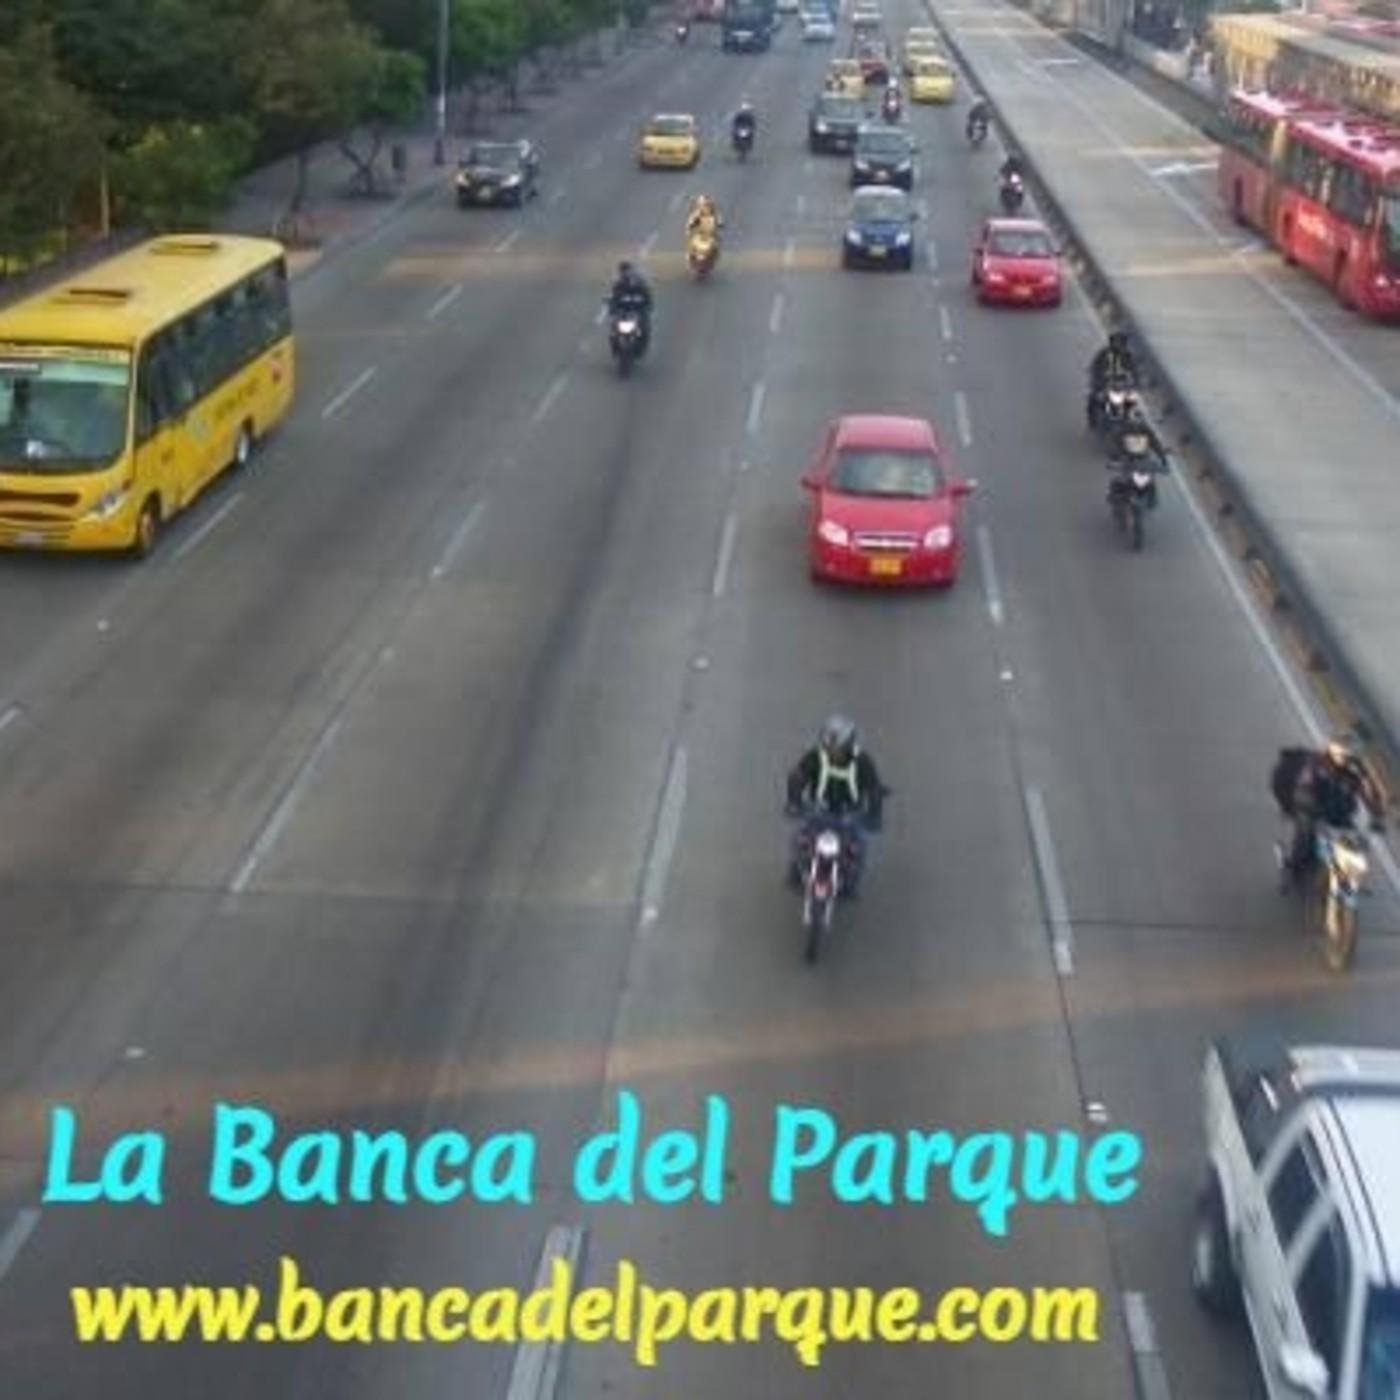 09.04.2021 - La Banca del Parque - Guillermo Camacho Cabrera - La Moto en Colombia